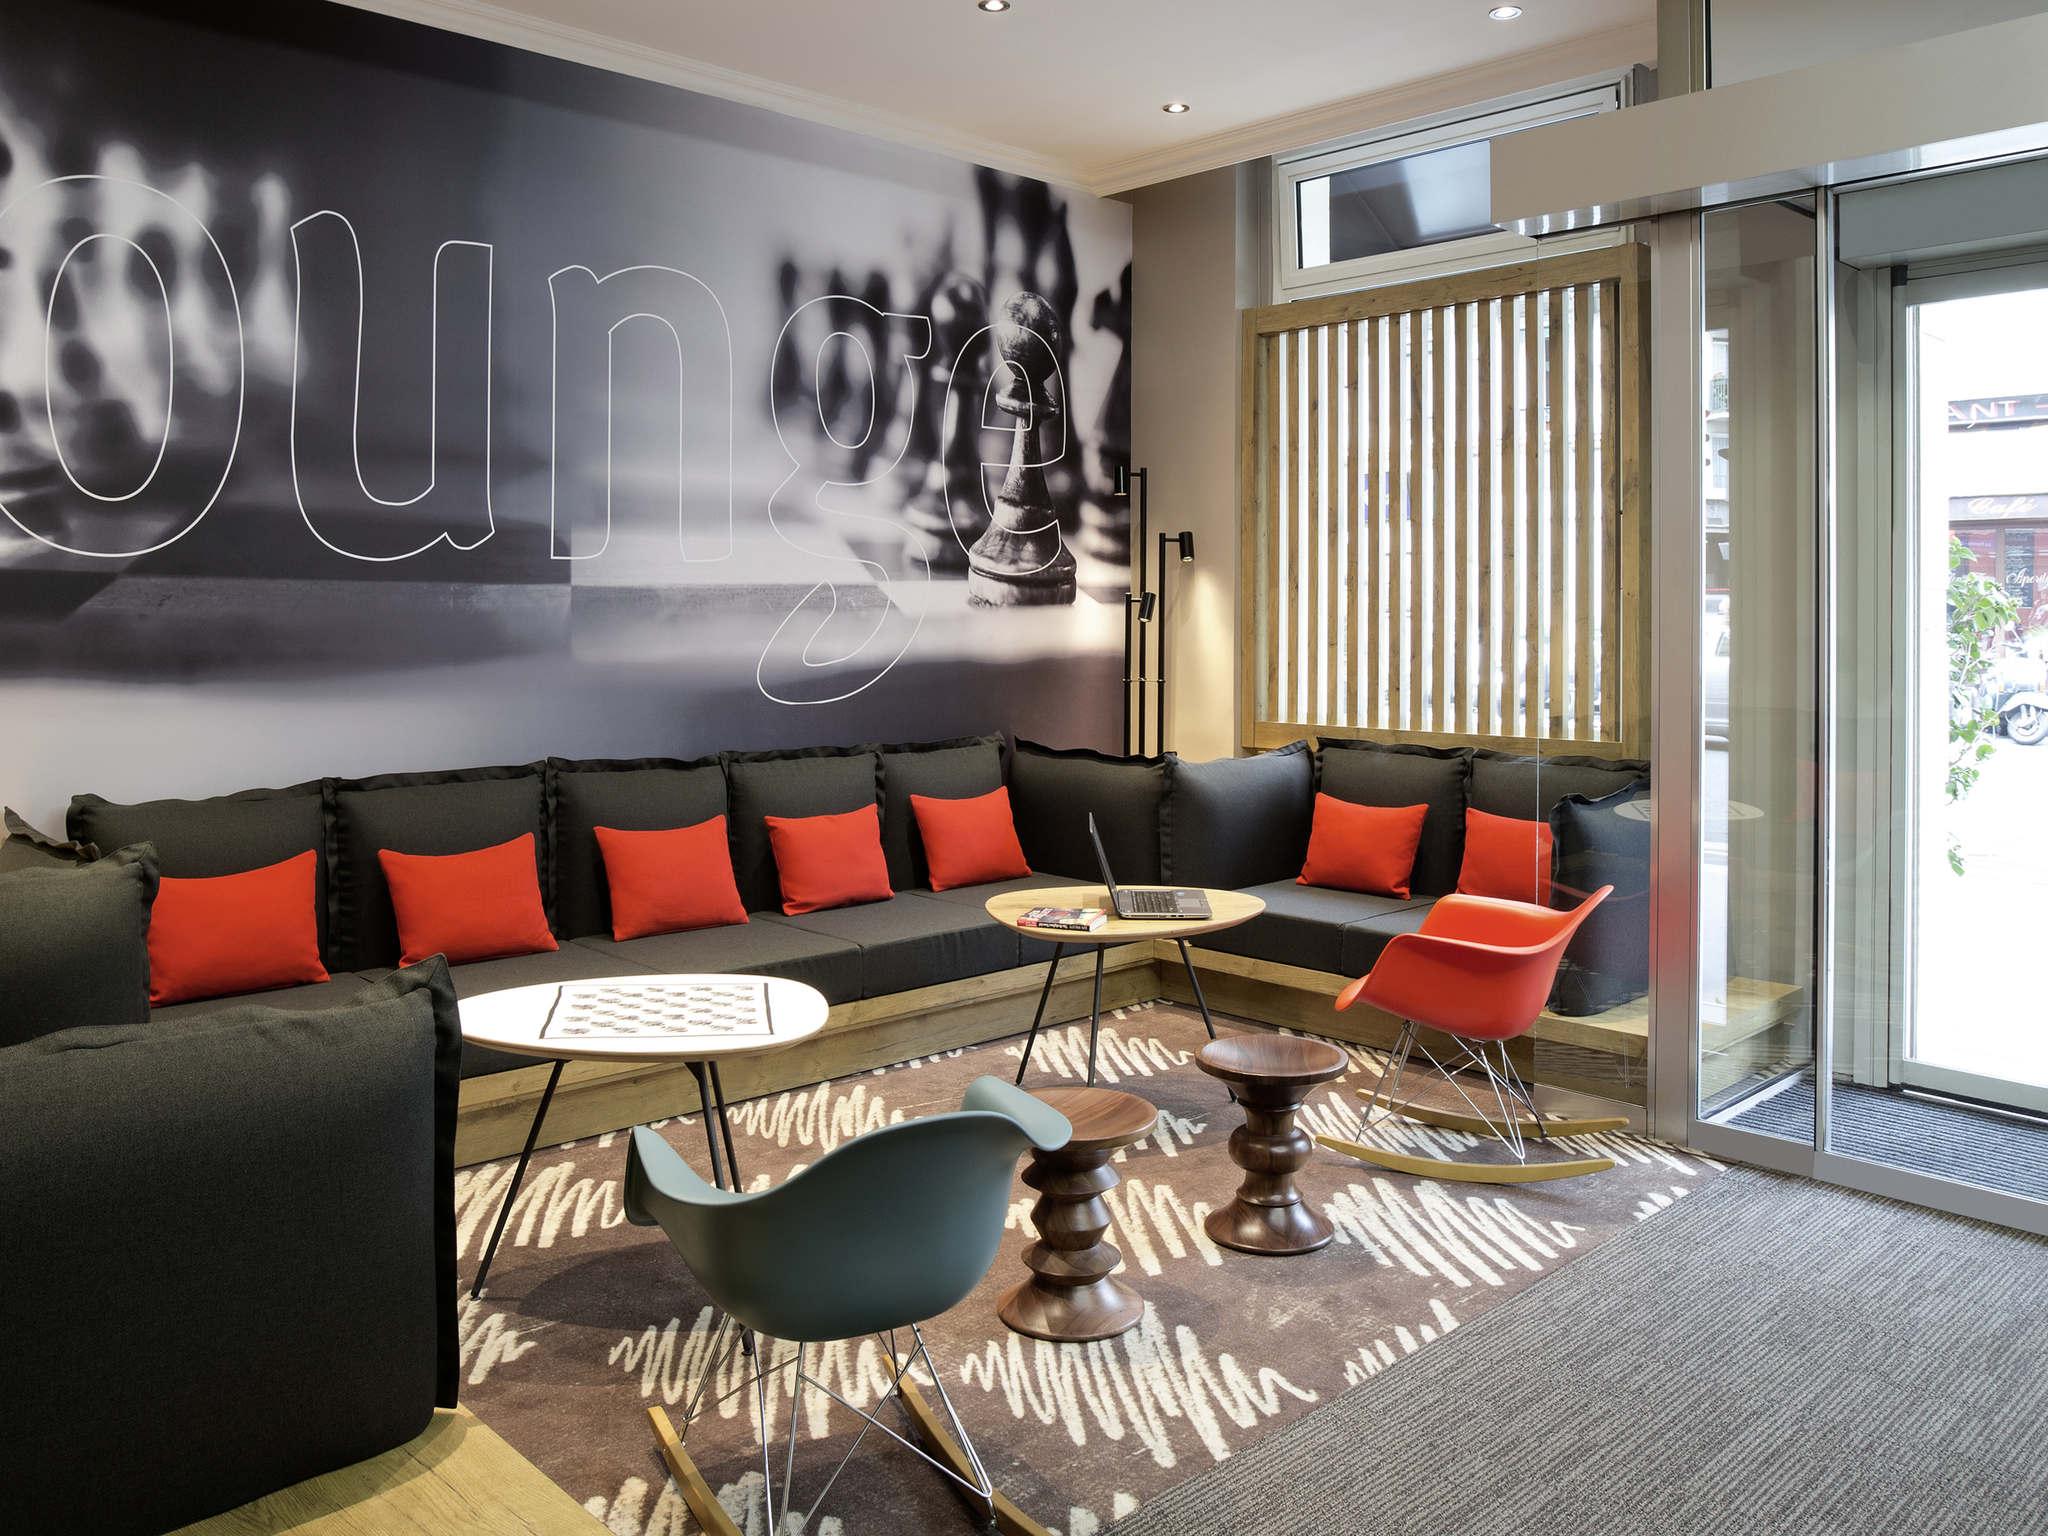 โรงแรม – ไอบิส ปารีส การ์ ดู นอร์